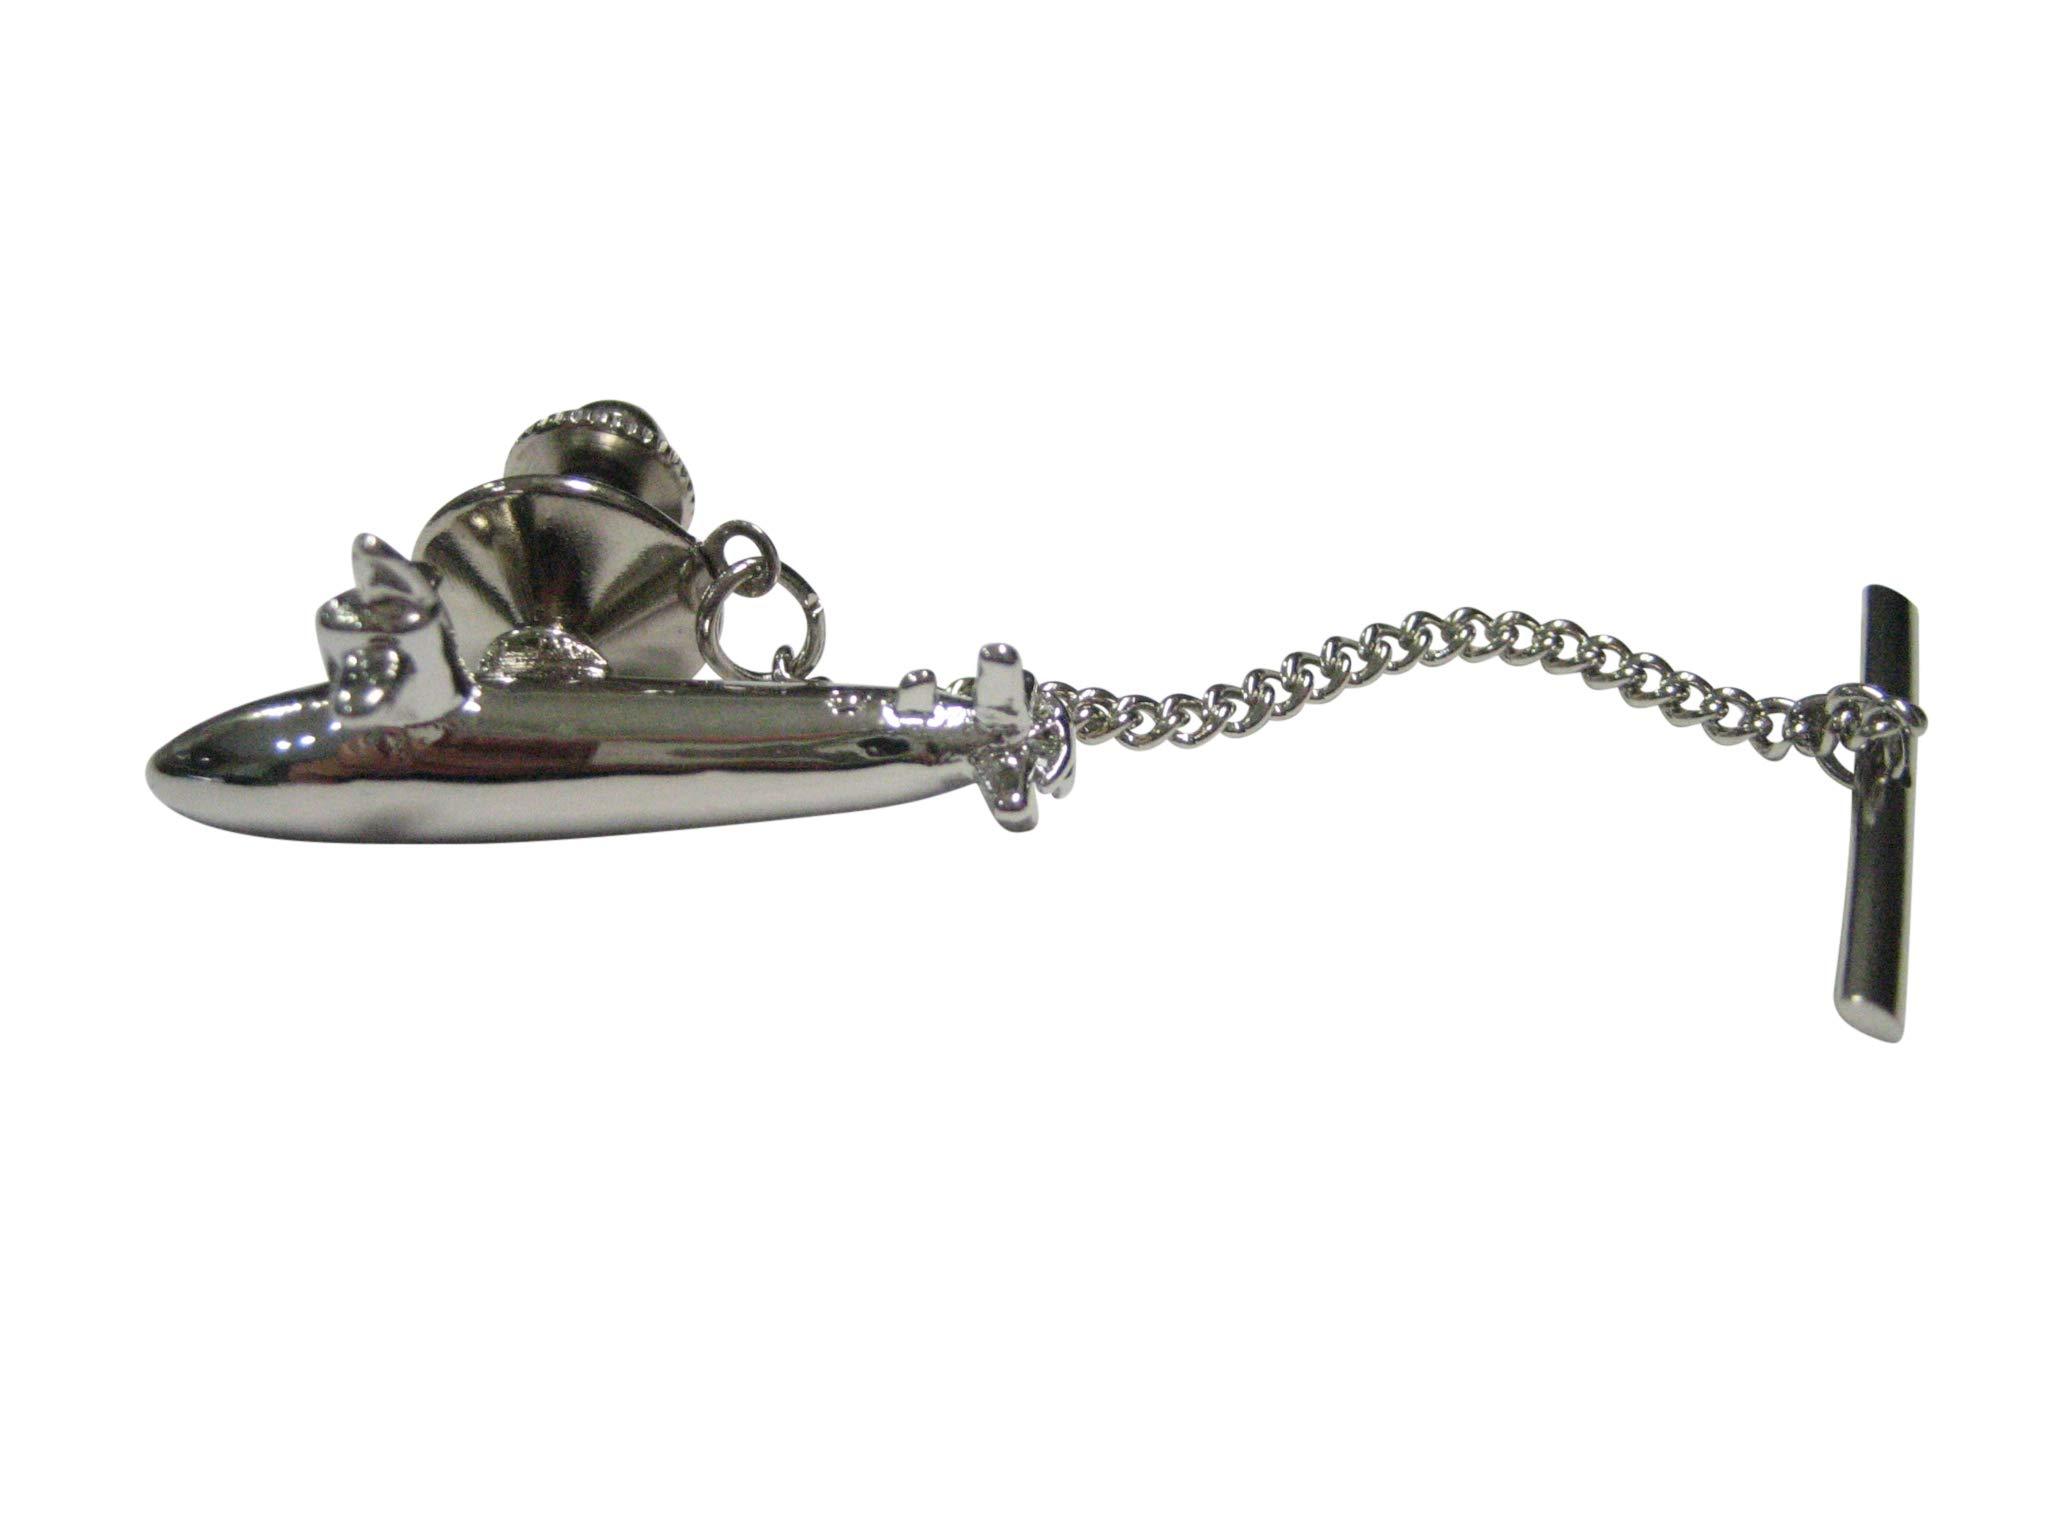 Kiola Designs Silver Toned Naval Navy Submarine Tie Tack by Kiola Designs (Image #1)